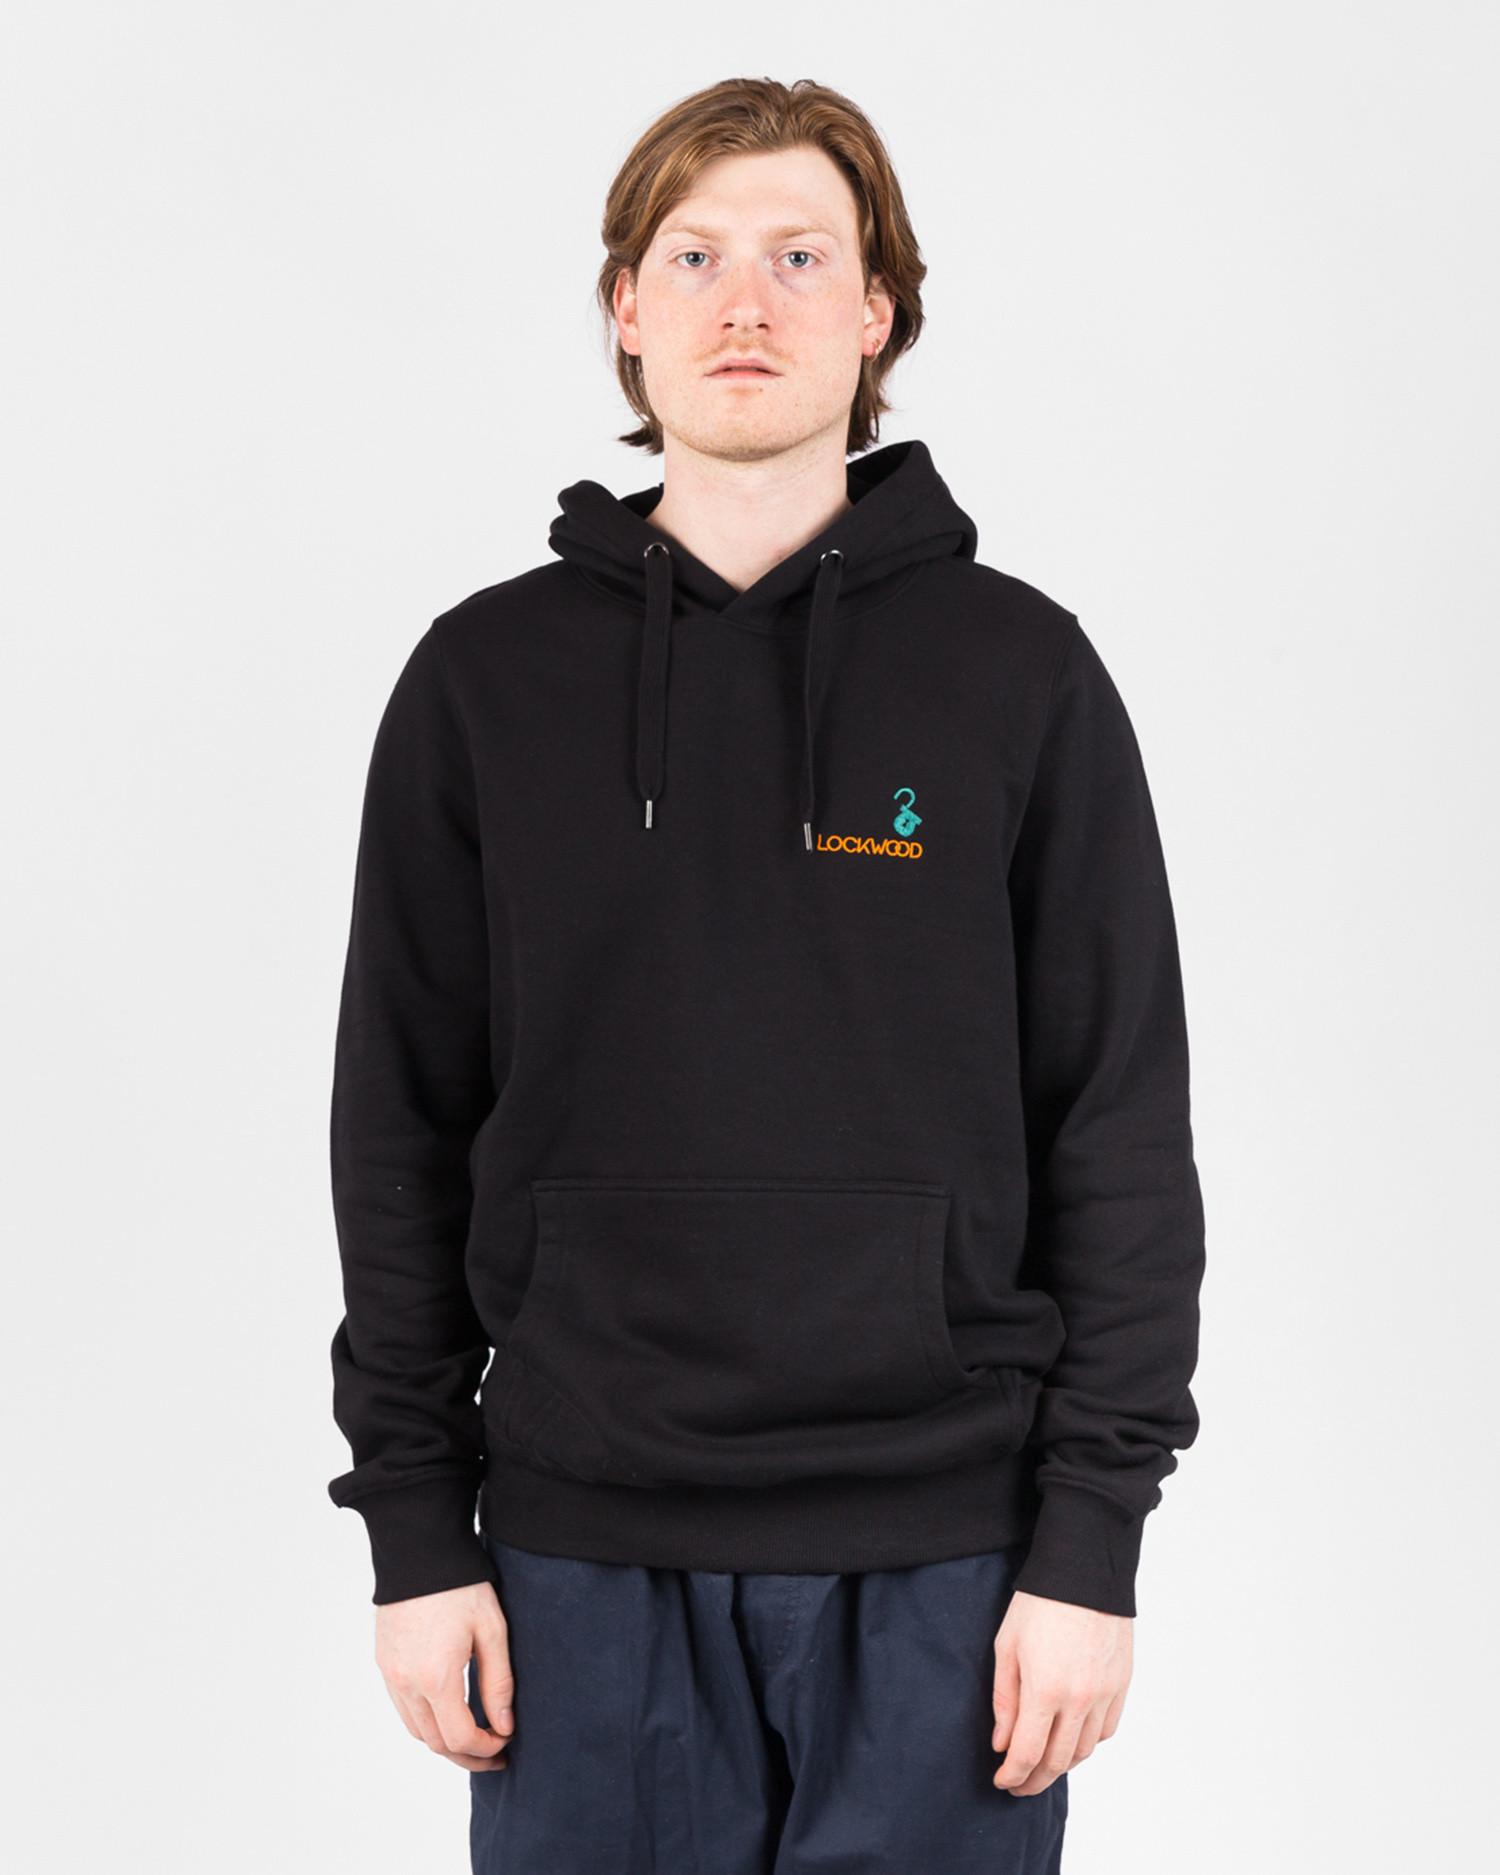 Lockwood Embroidery Hoodie Black